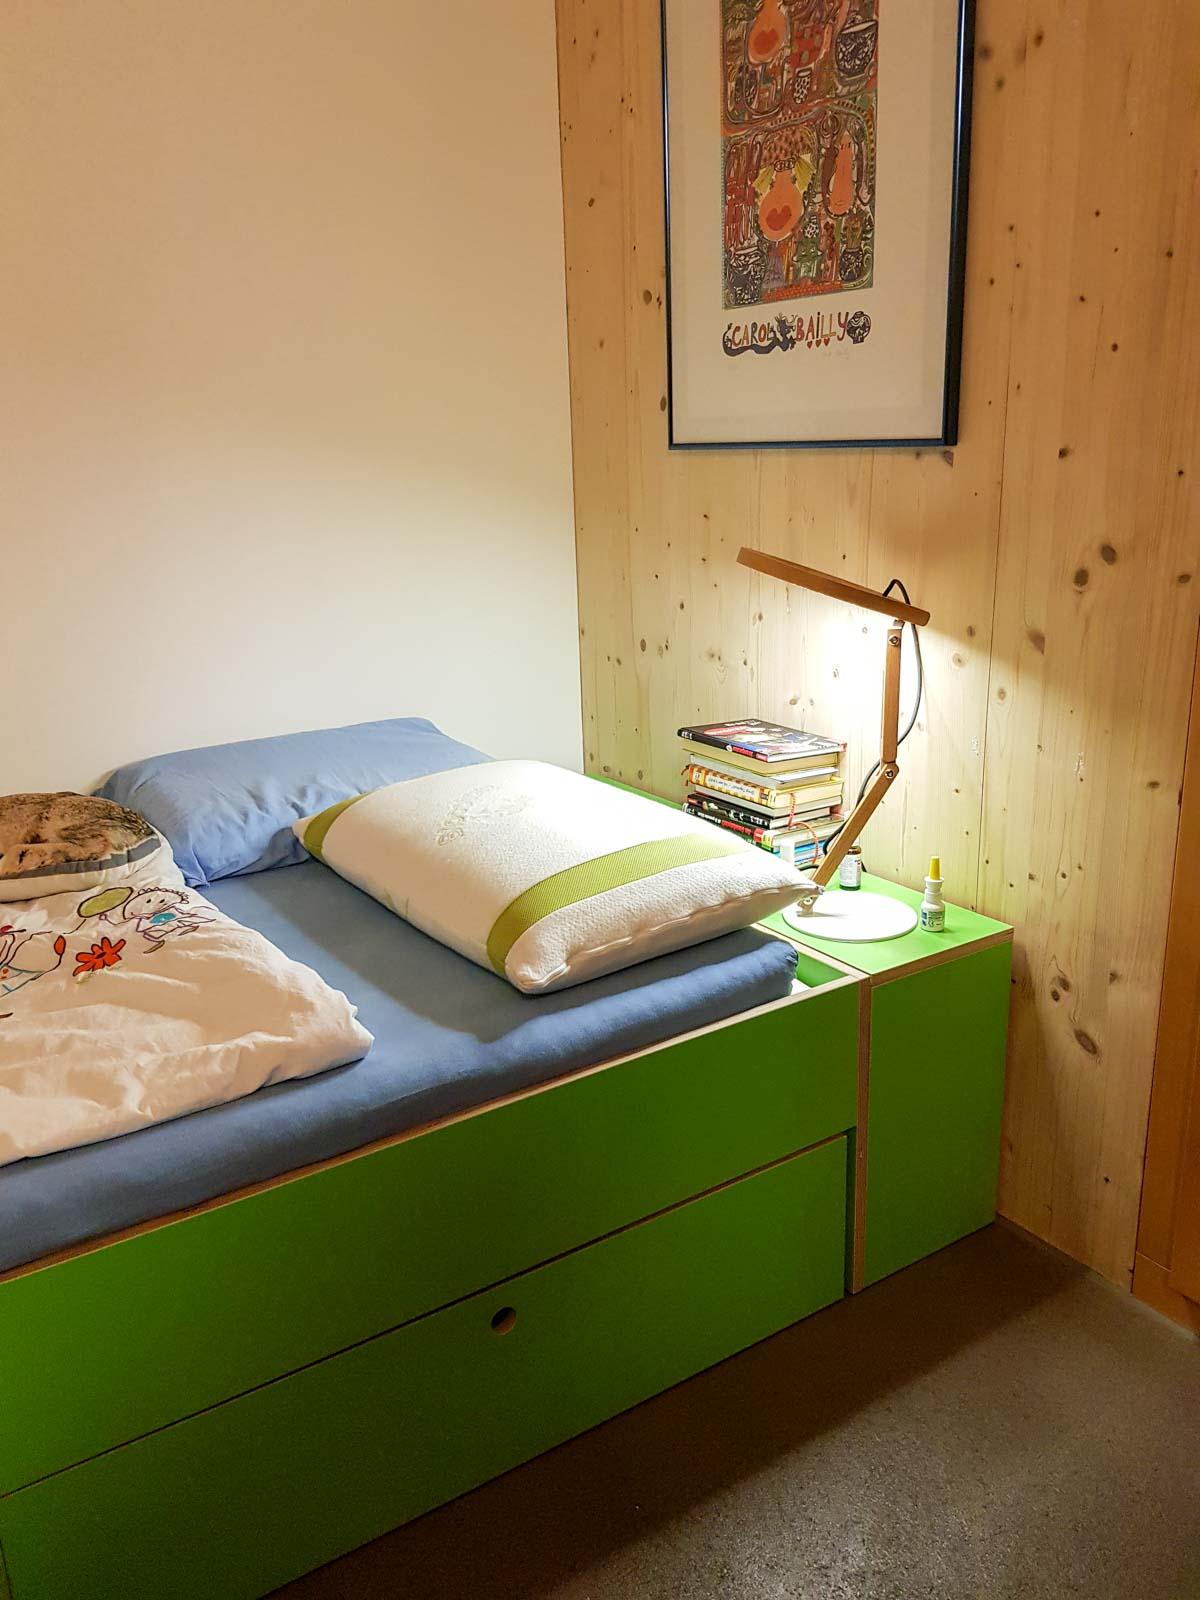 Wooddesign_Kinderzimmer_Kinderbett_Spielzimmer_Schreibtisch-Verstauraum_ Schubladen_Farbig_Trinatura_Kopfteil_gün (3)